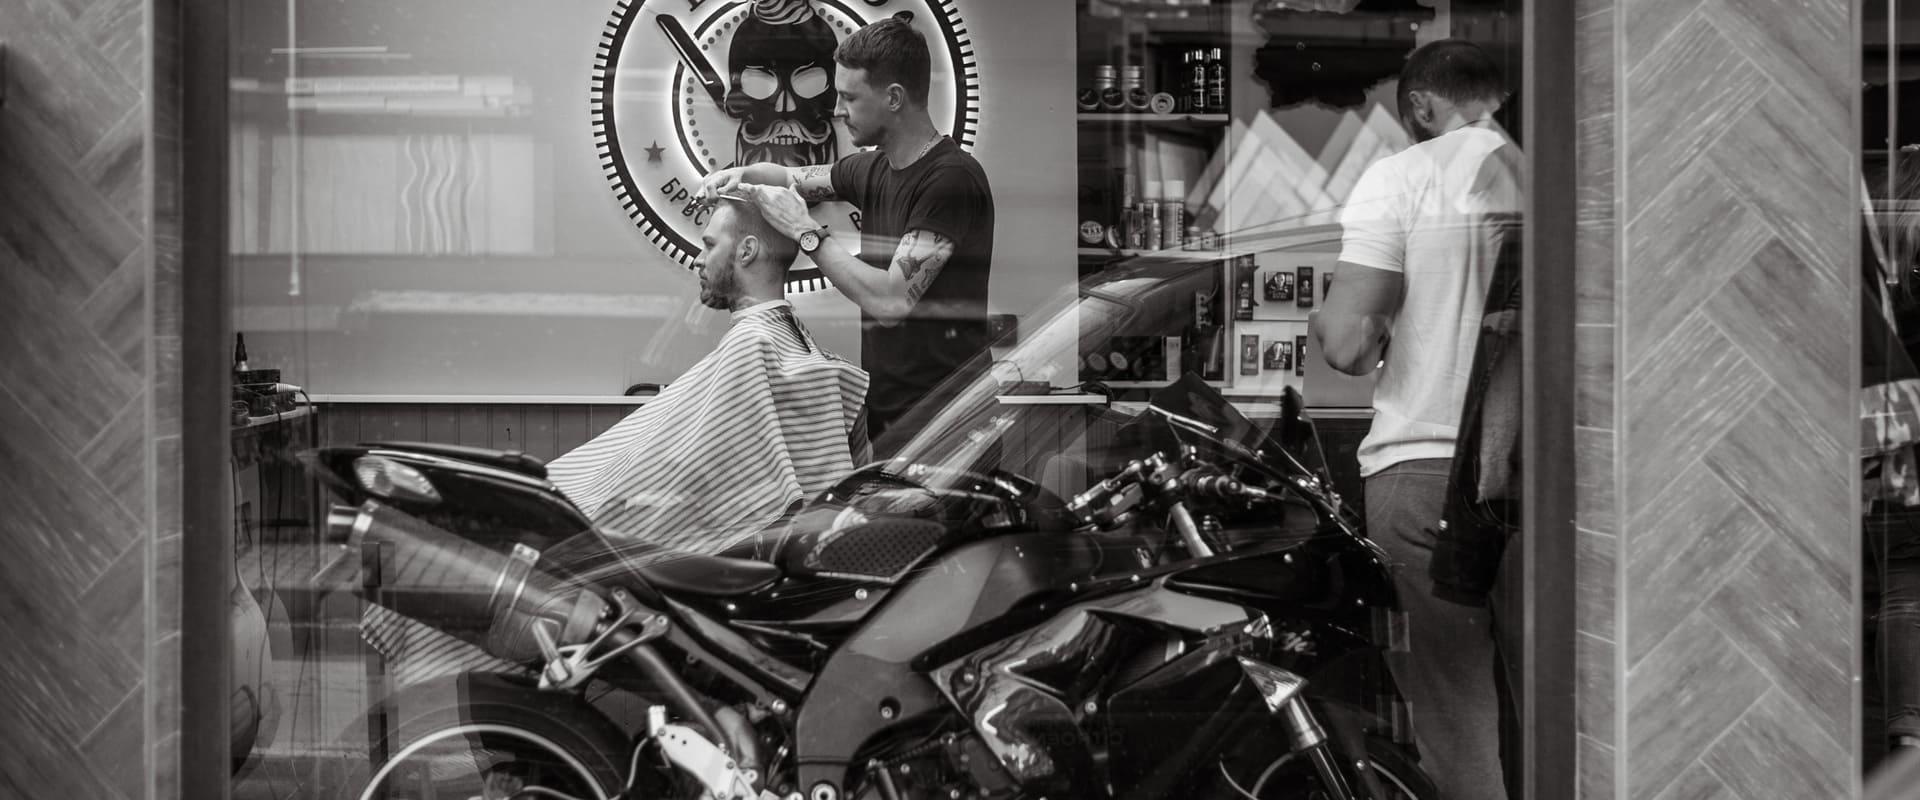 Бръснарница брадао варна